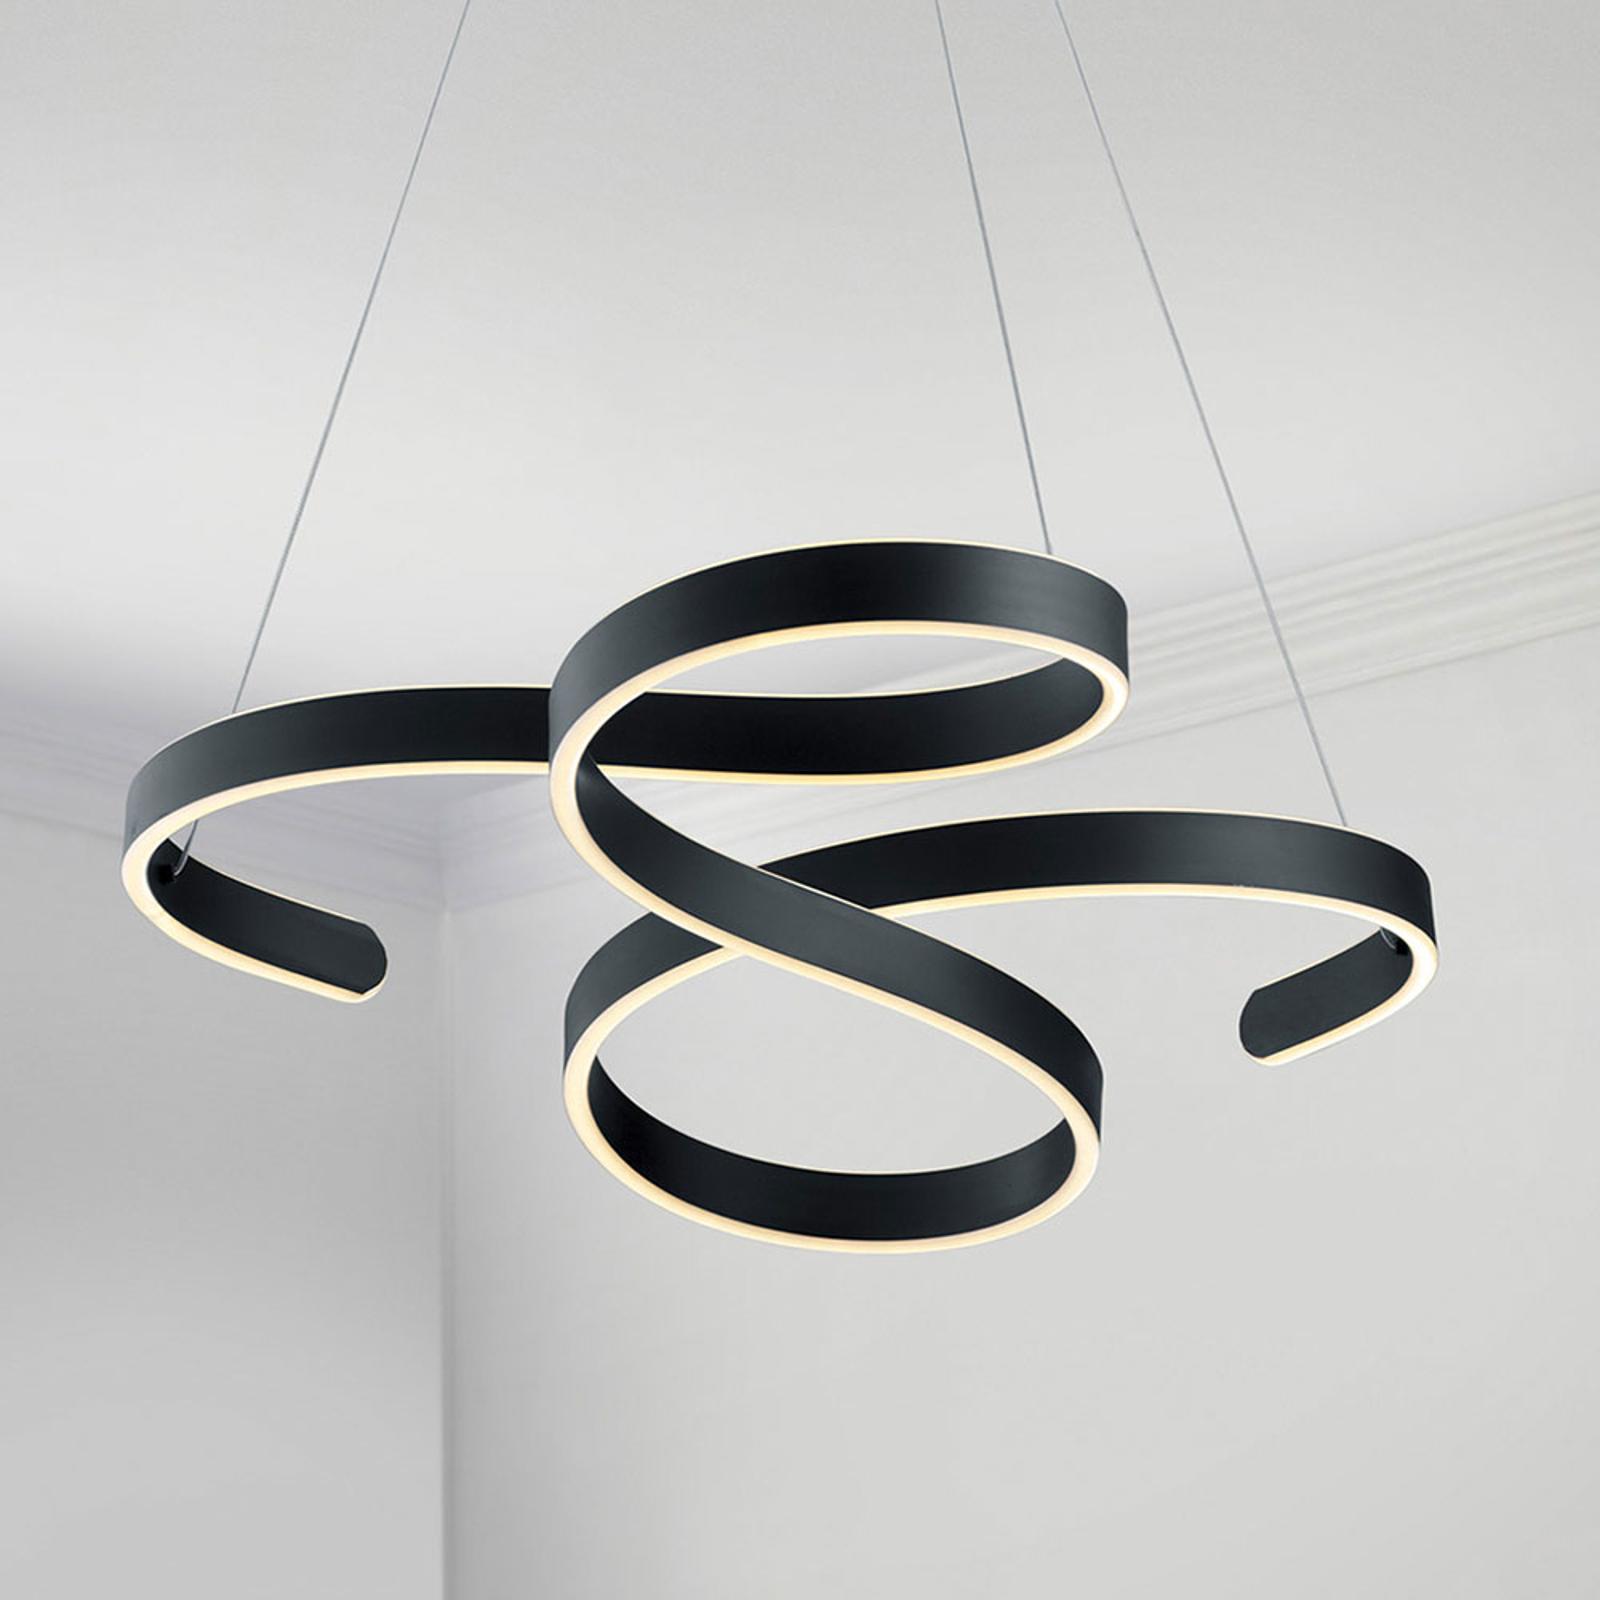 Lampa wisząca LED Francis, antracytowa